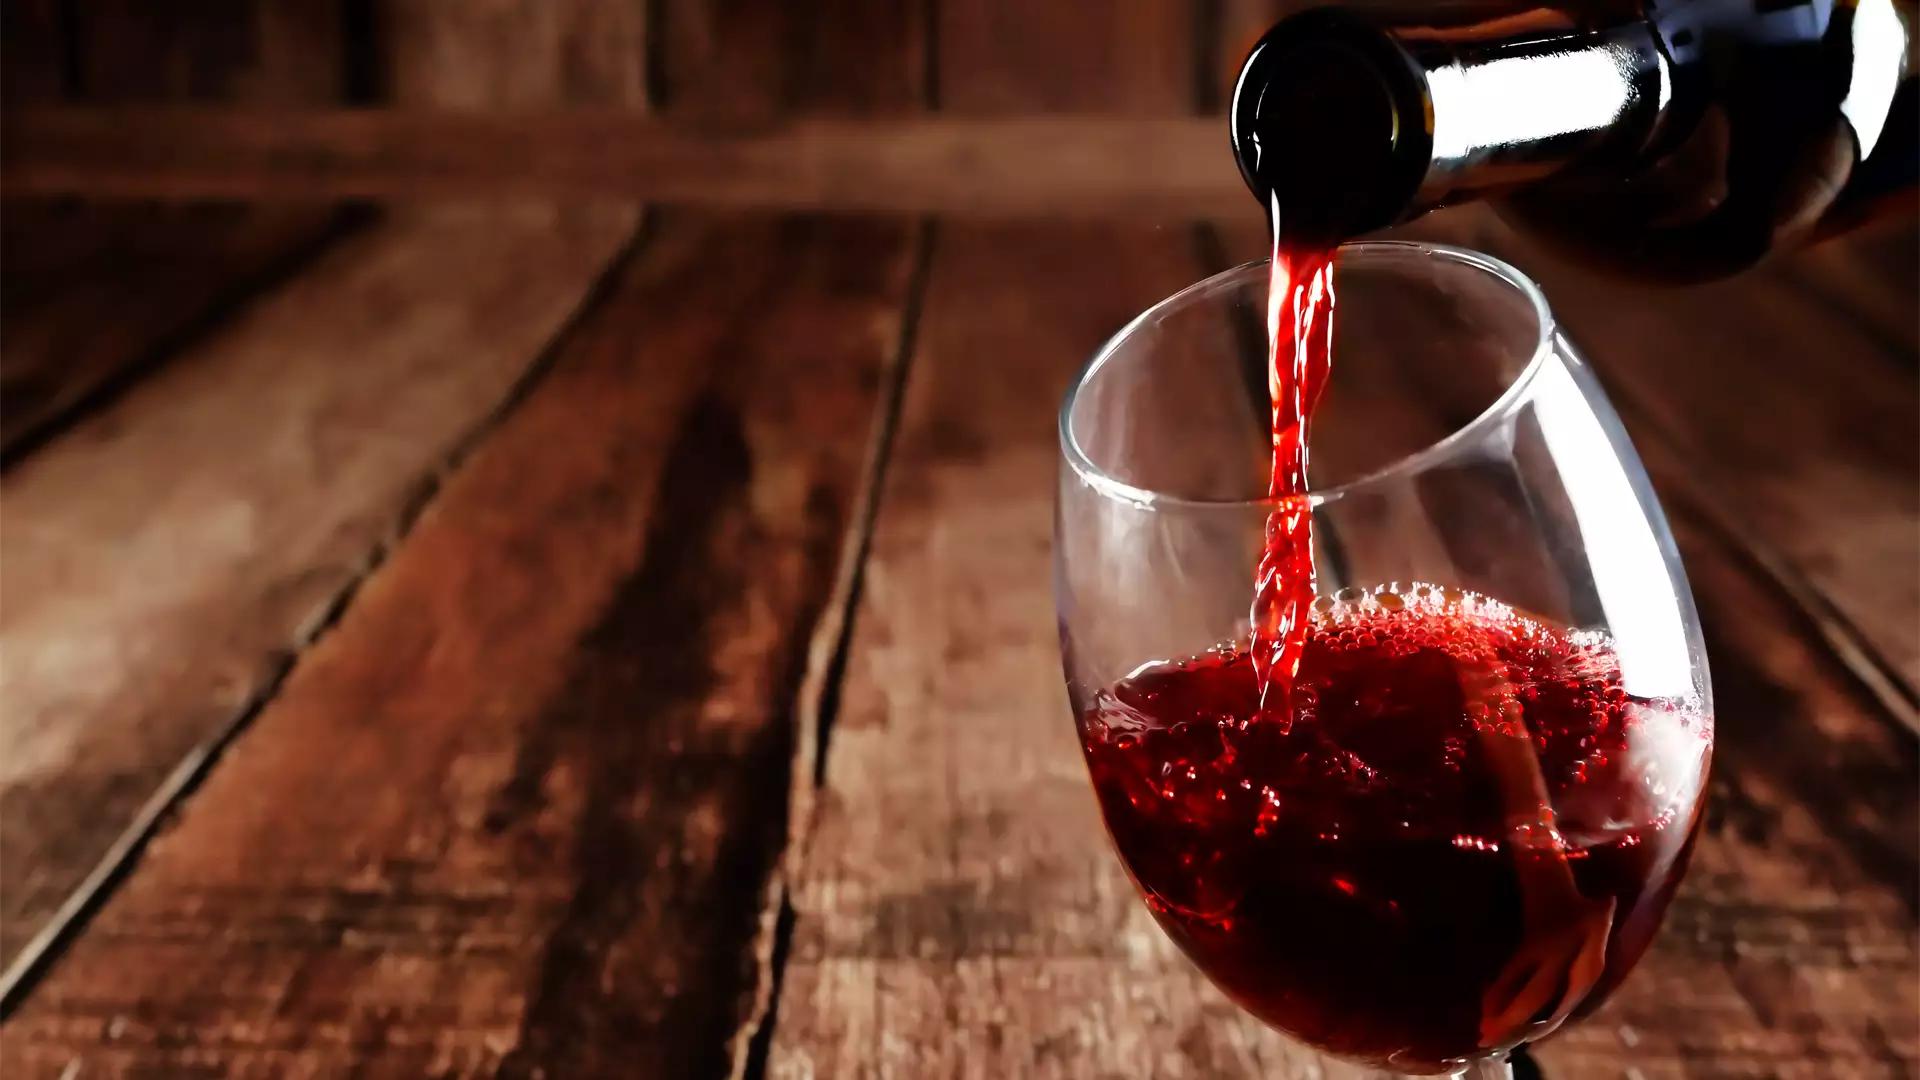 Alimentos que fazem bem para a pele: vinho tinto (Fonte: Jornal de Brasília)